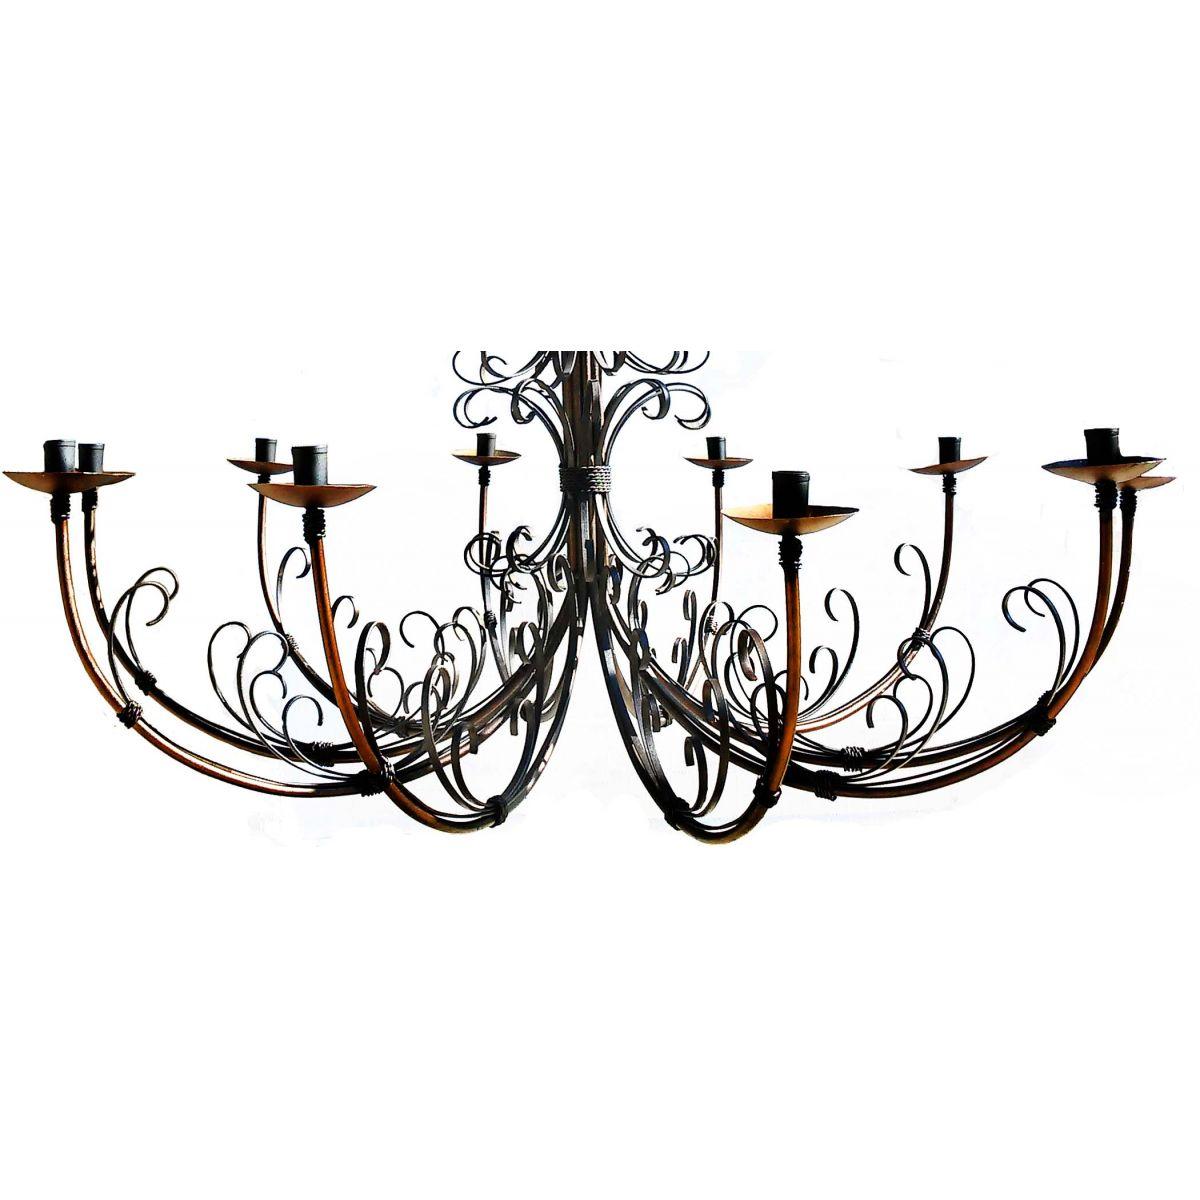 Luminária de Teto Grande em Ferro para Área Rústica cor Verniz 10 Lâmpadas